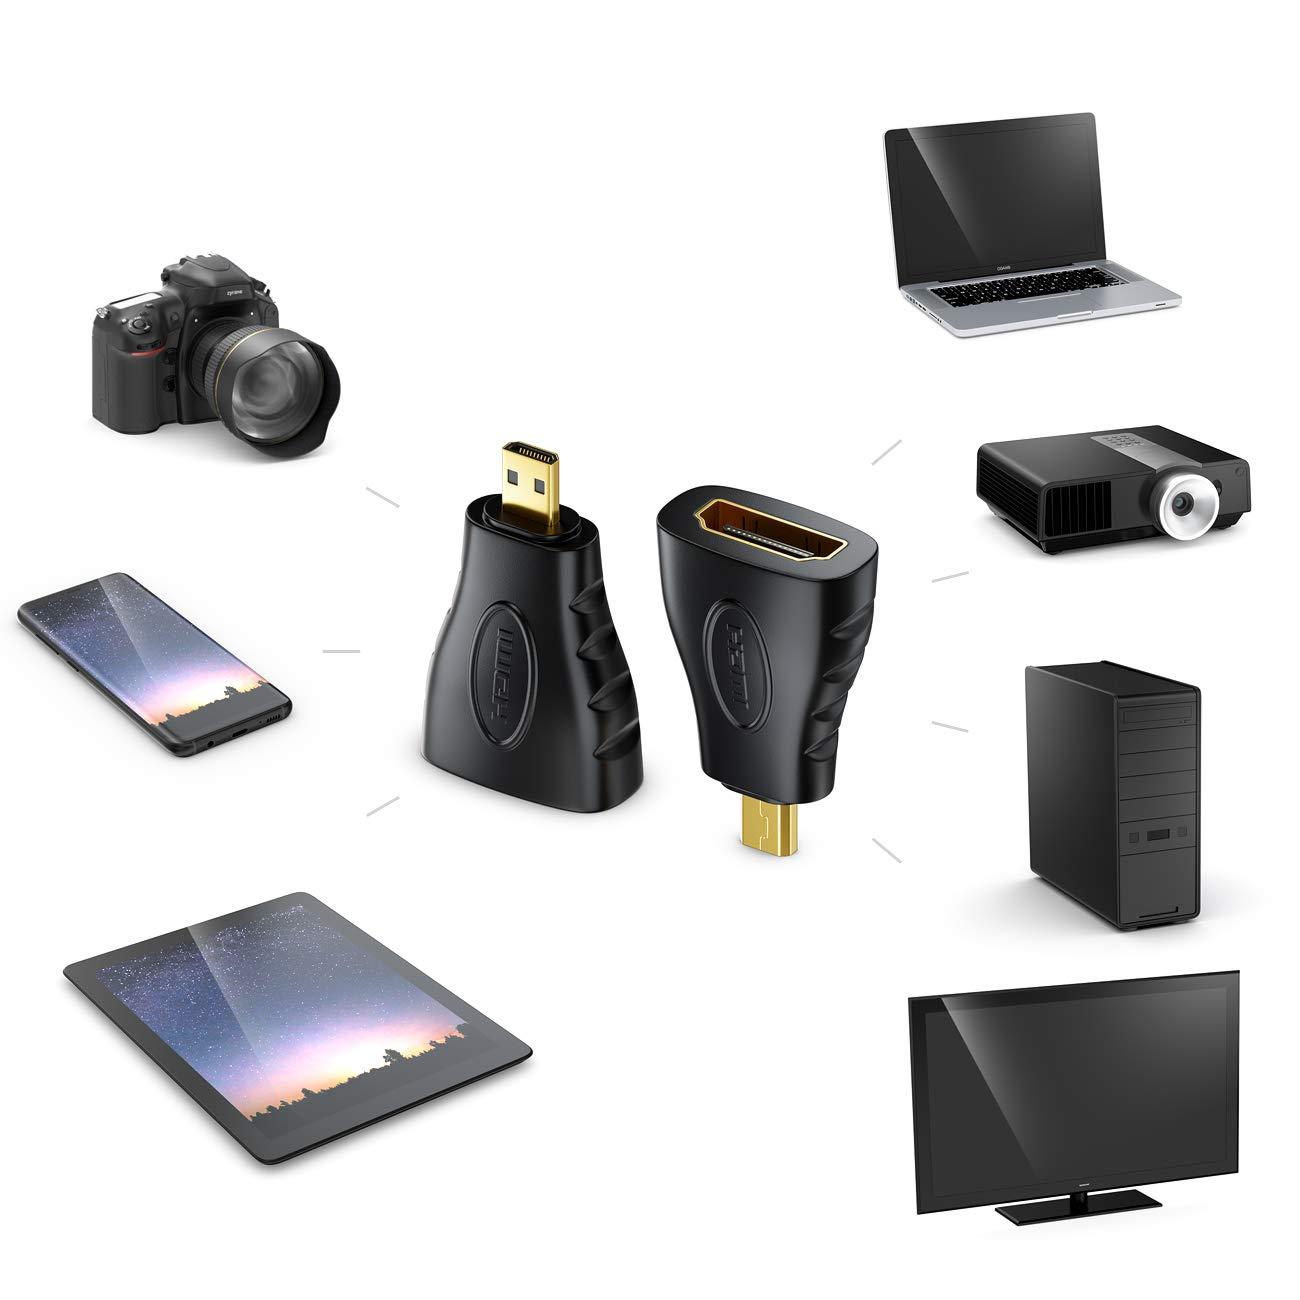 1080p Full HD Connettore HDMI su Connettore micro HDMI 4k Ultra HD Nero UHD deleyCON MK184 HDMI su Adattatore Micro HDMI